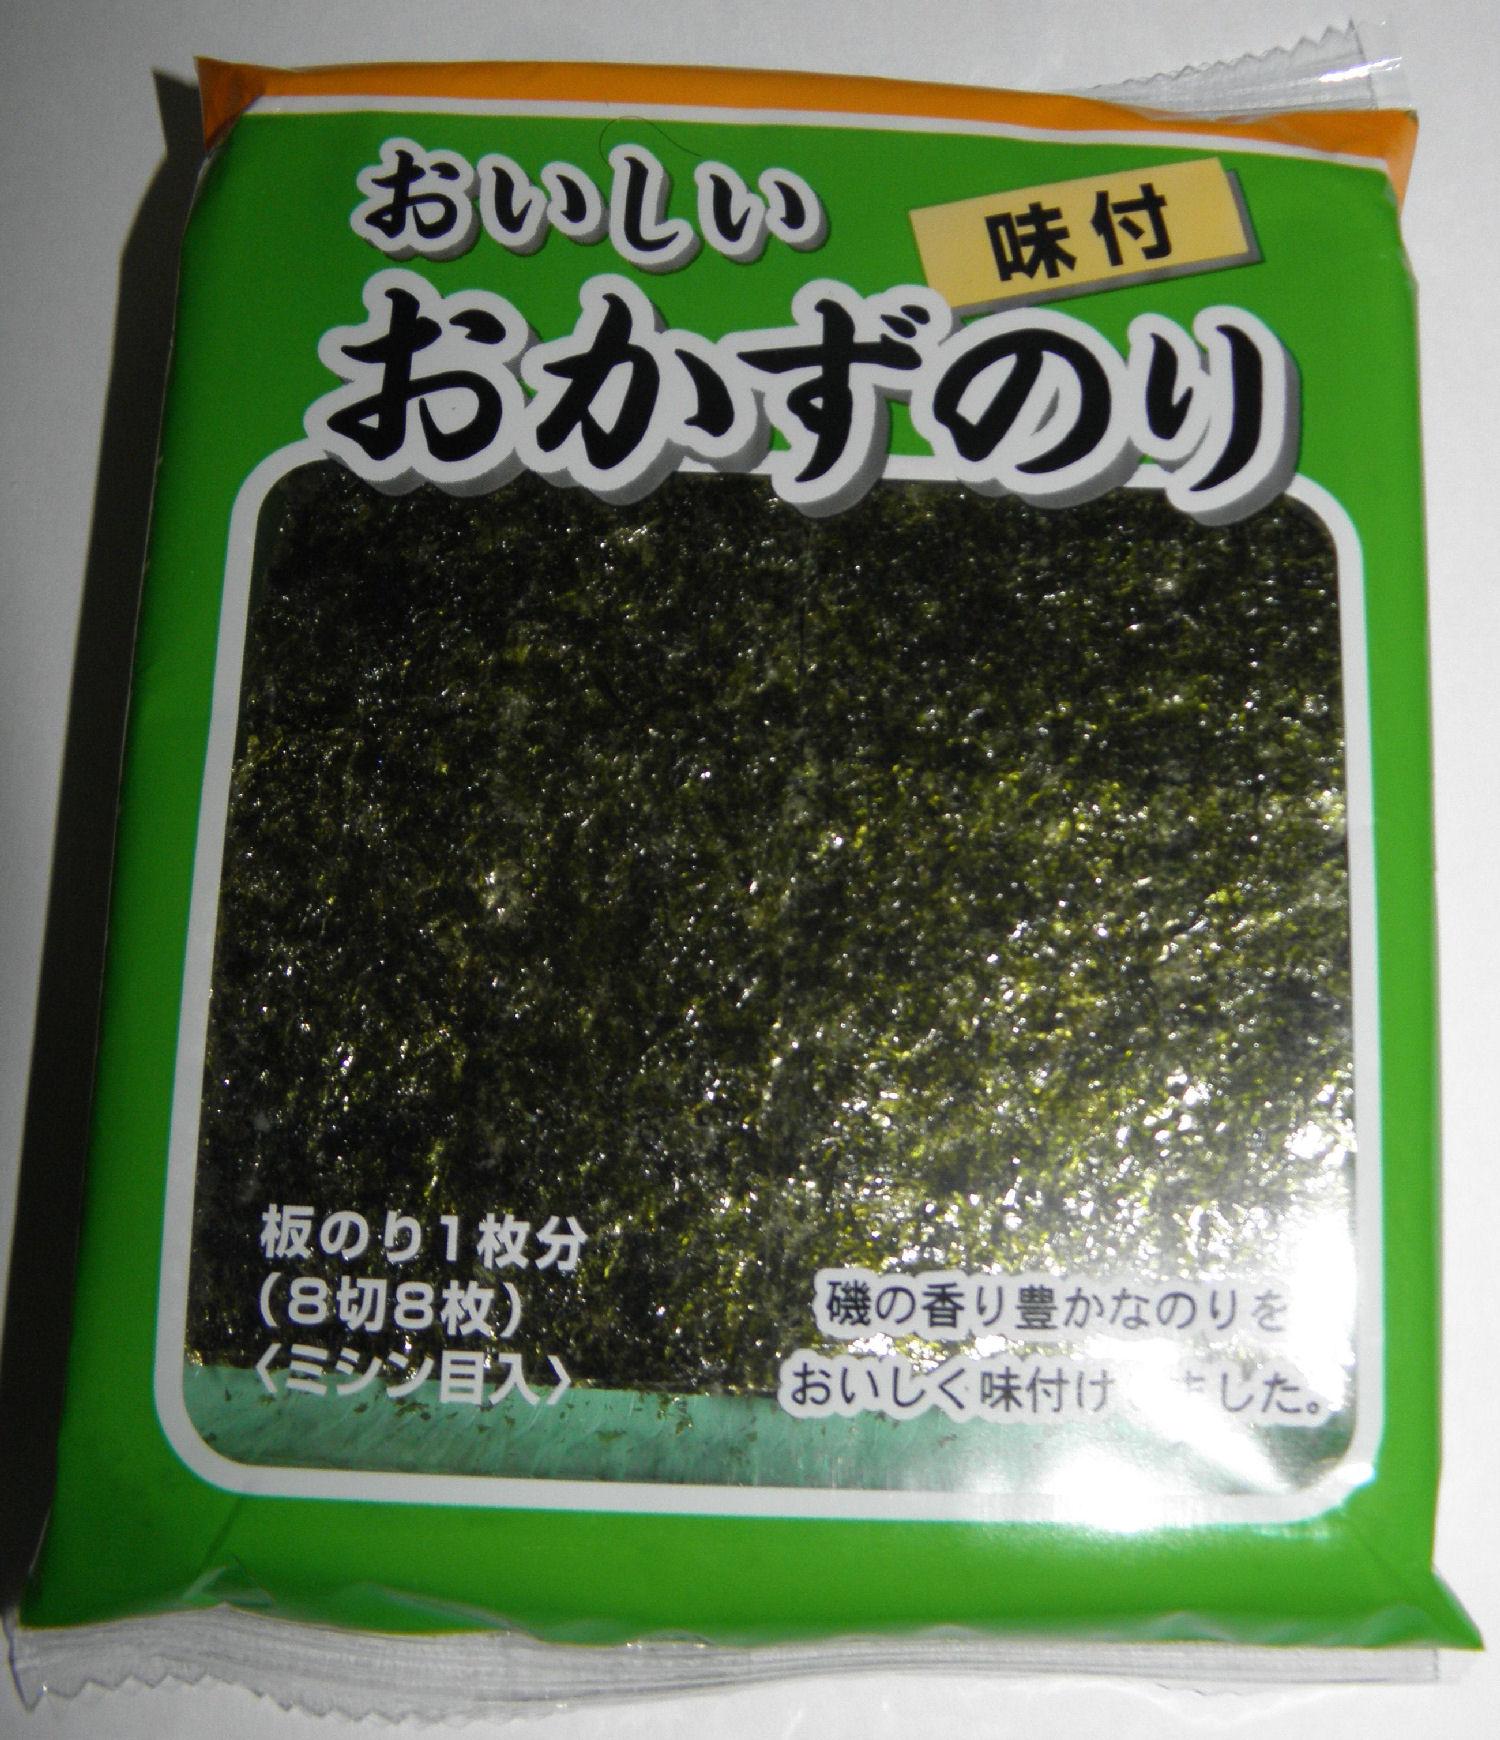 okazu nori alga